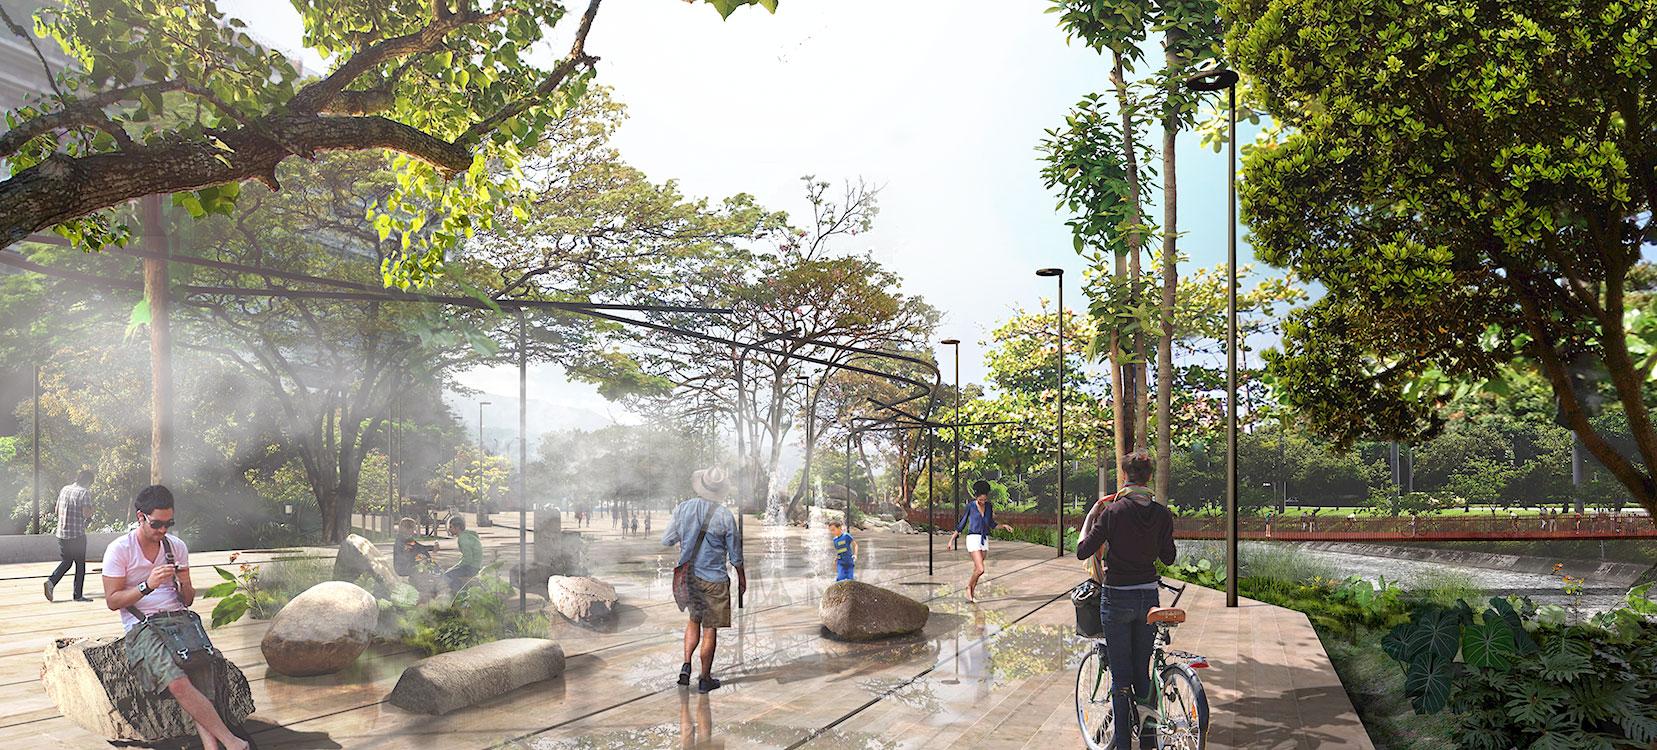 Los Parques del Río Medellín  están diseñados para conectar las dos mitades de la ciudad.